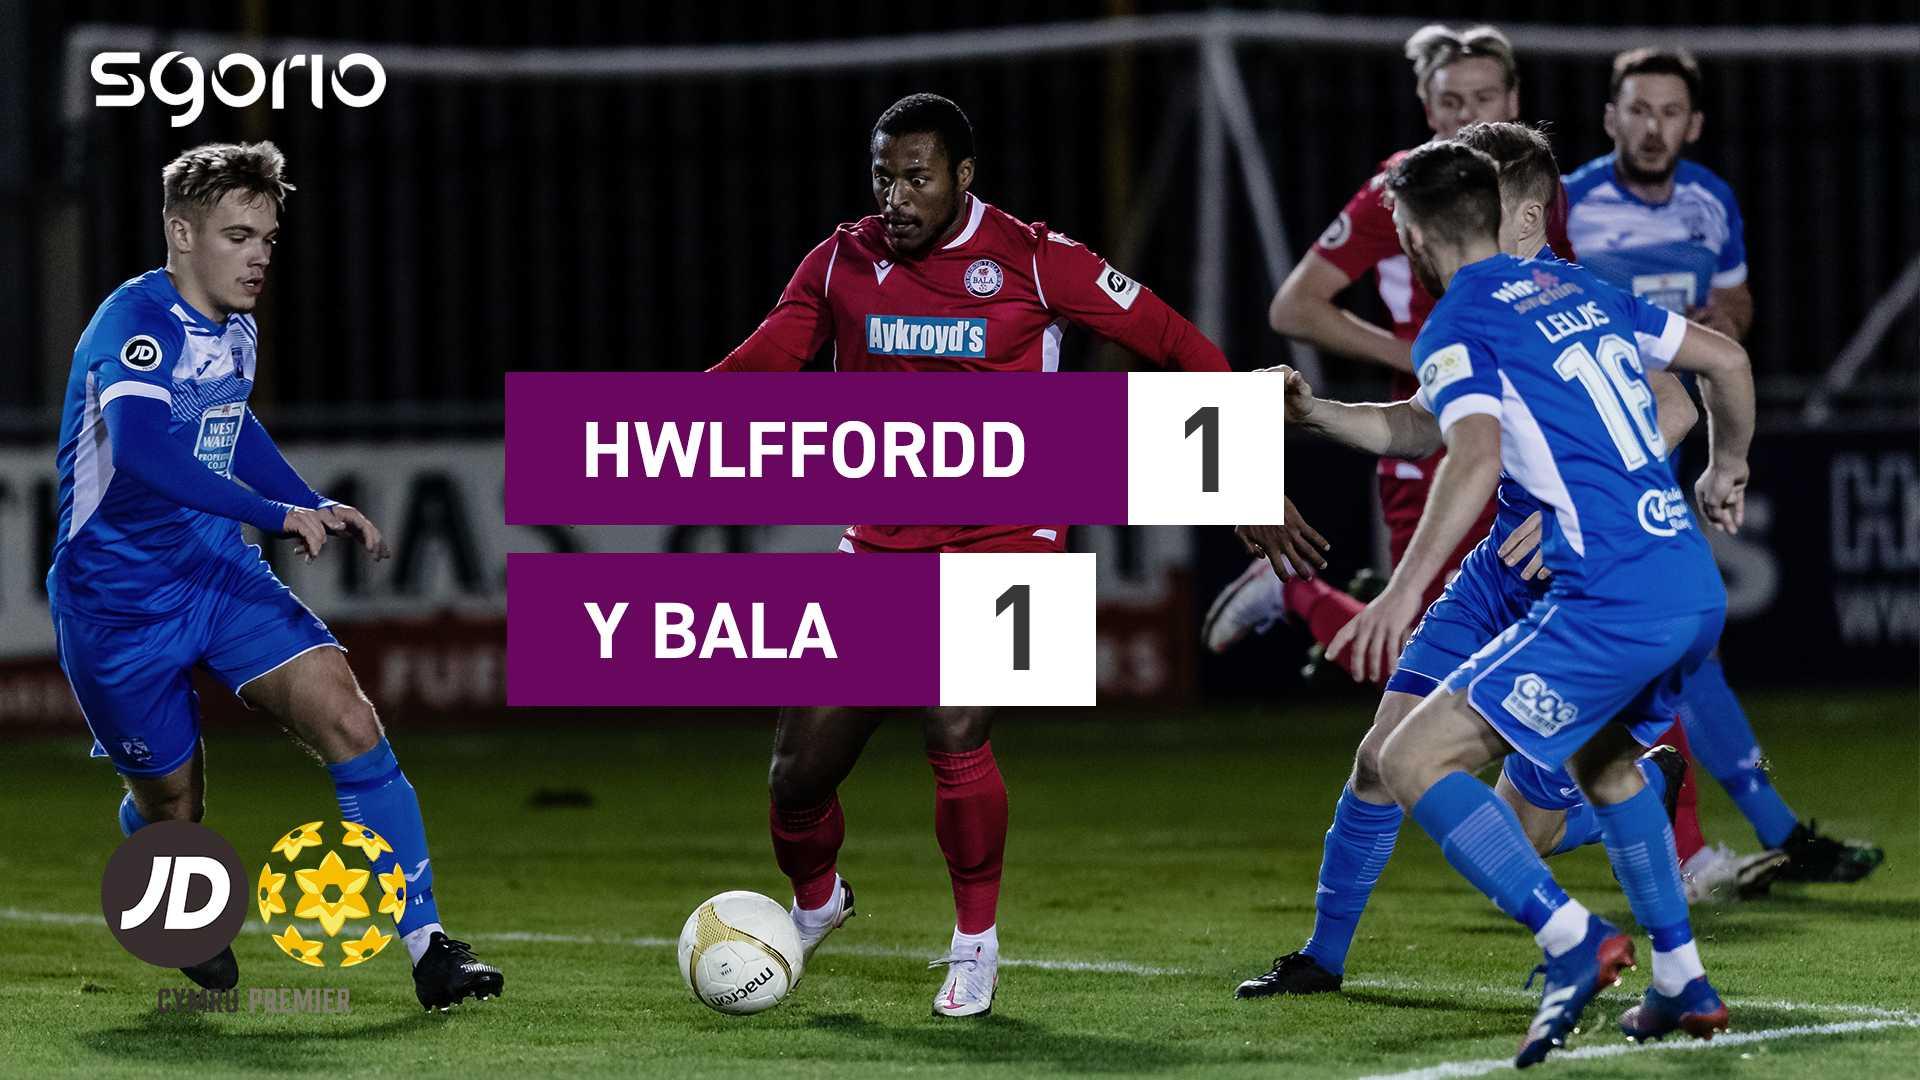 Hwlffordd 1-1 Y Bala